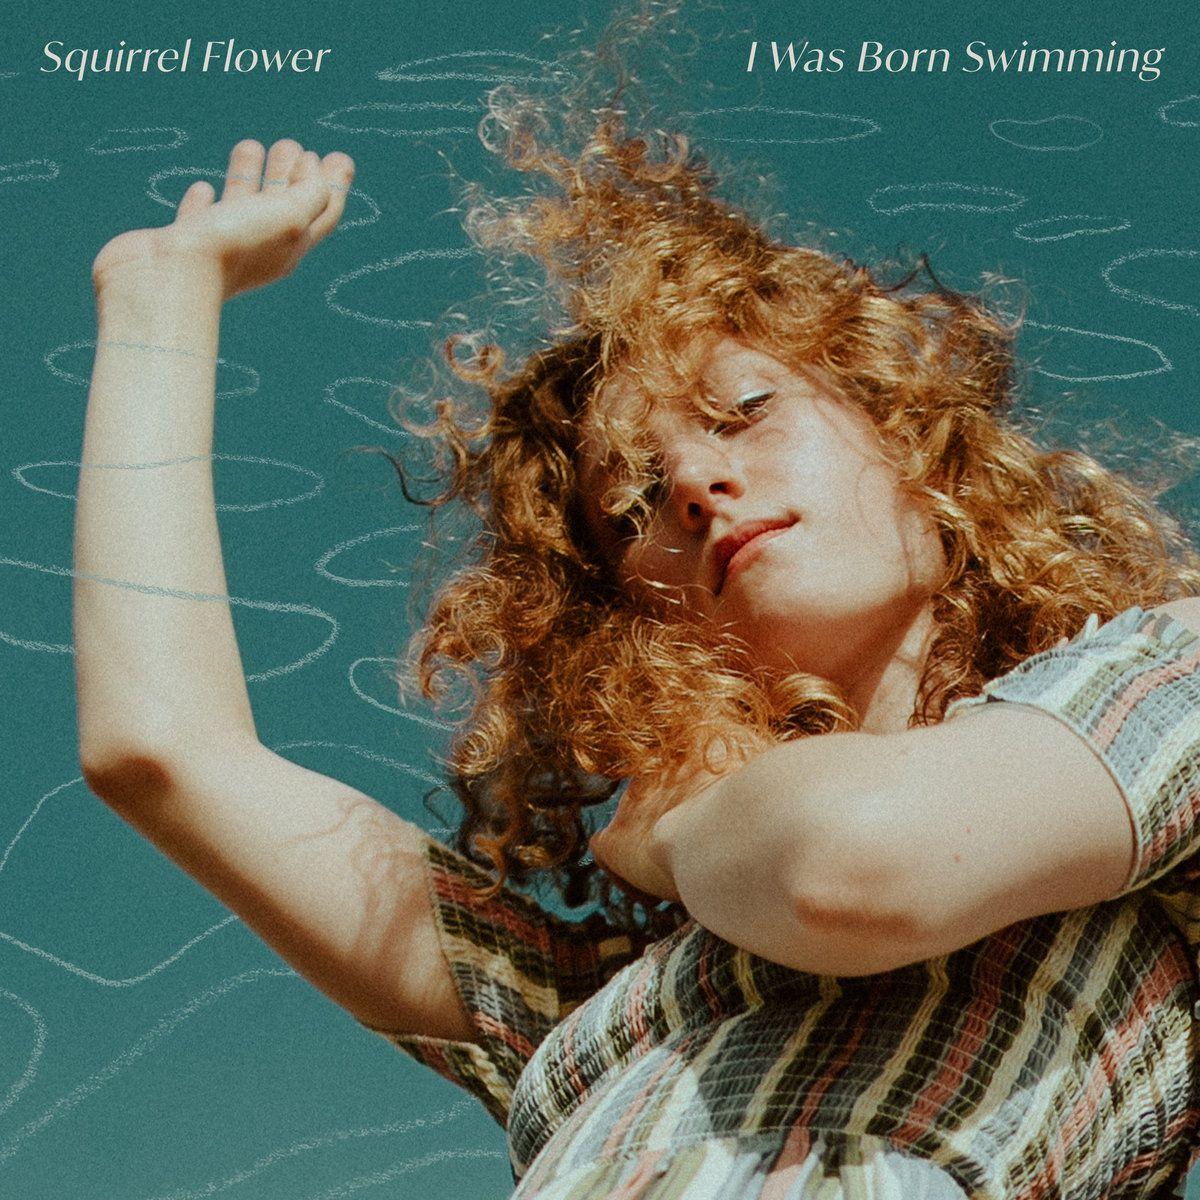 """Squirrel Flower falha na conexão com o ouvinte em """"I Was Born Swimming"""""""